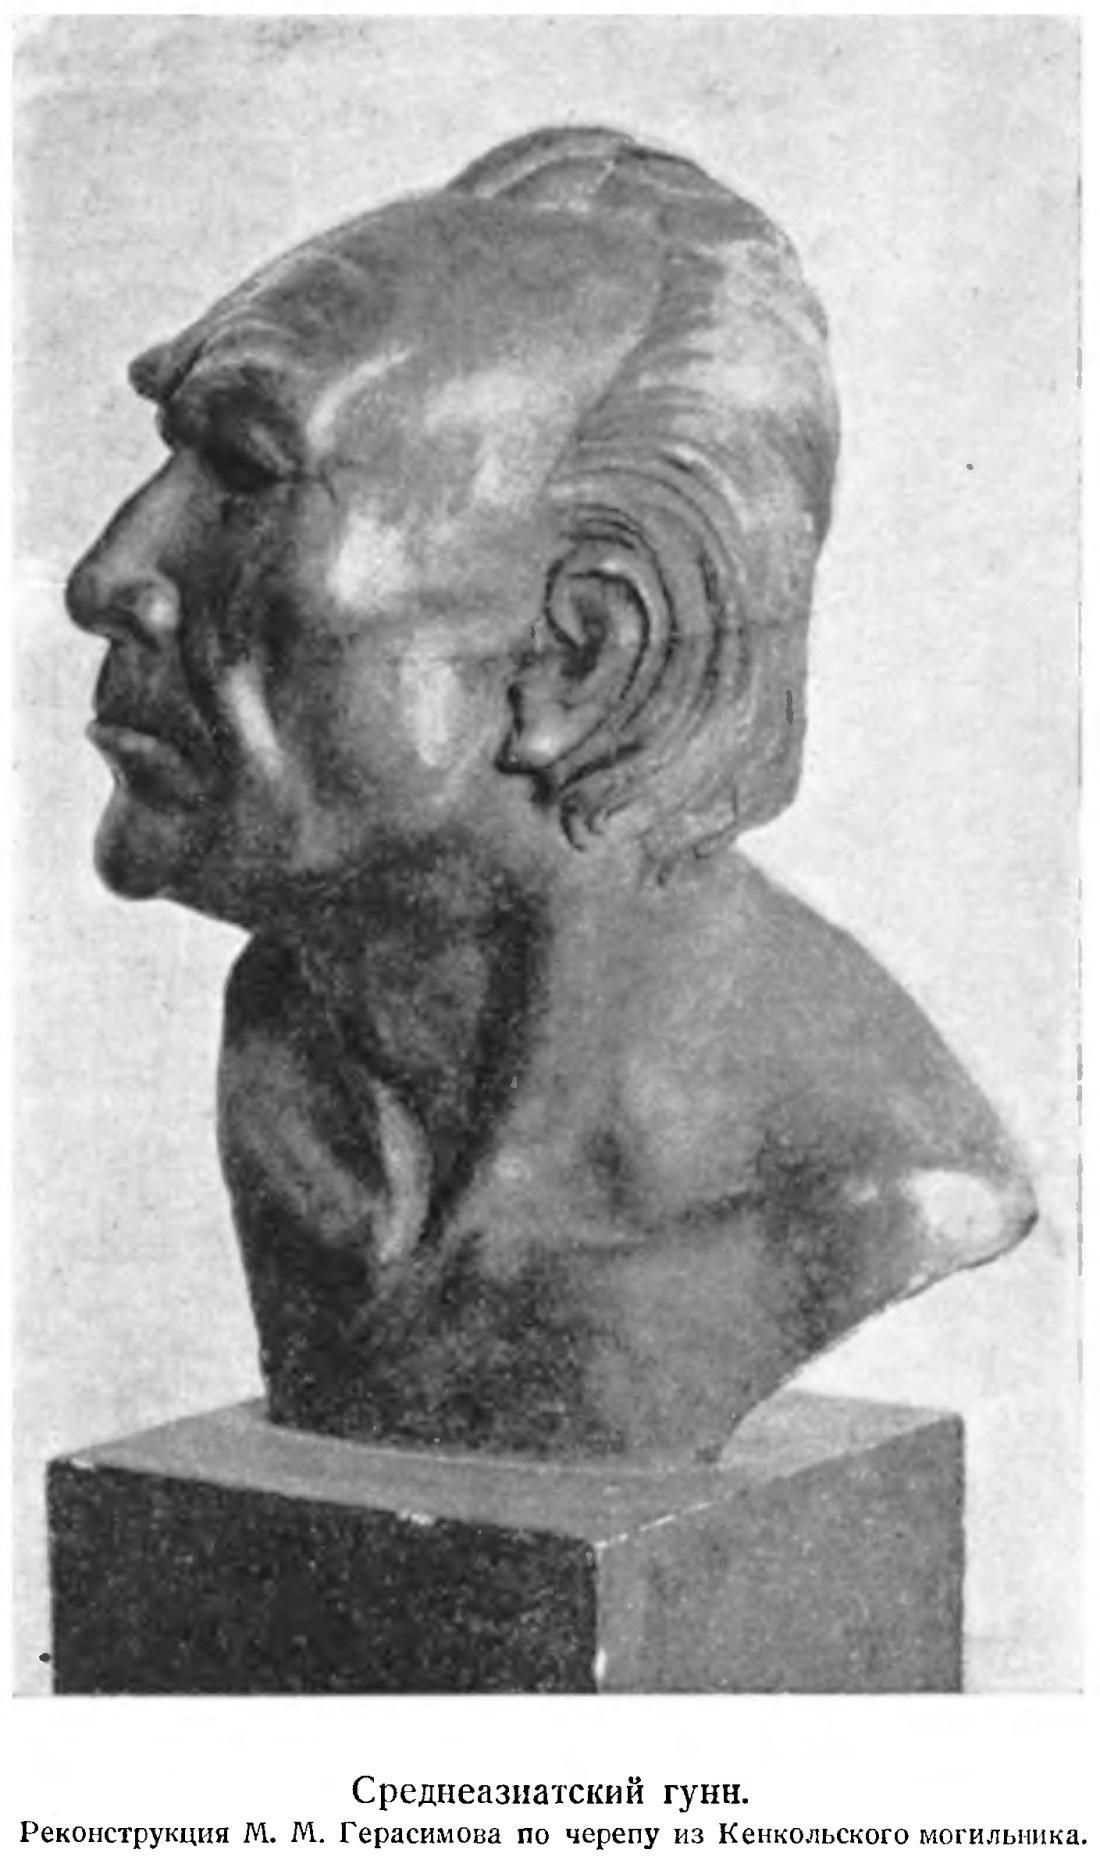 bernshtam-an-1951-112-113.jpg